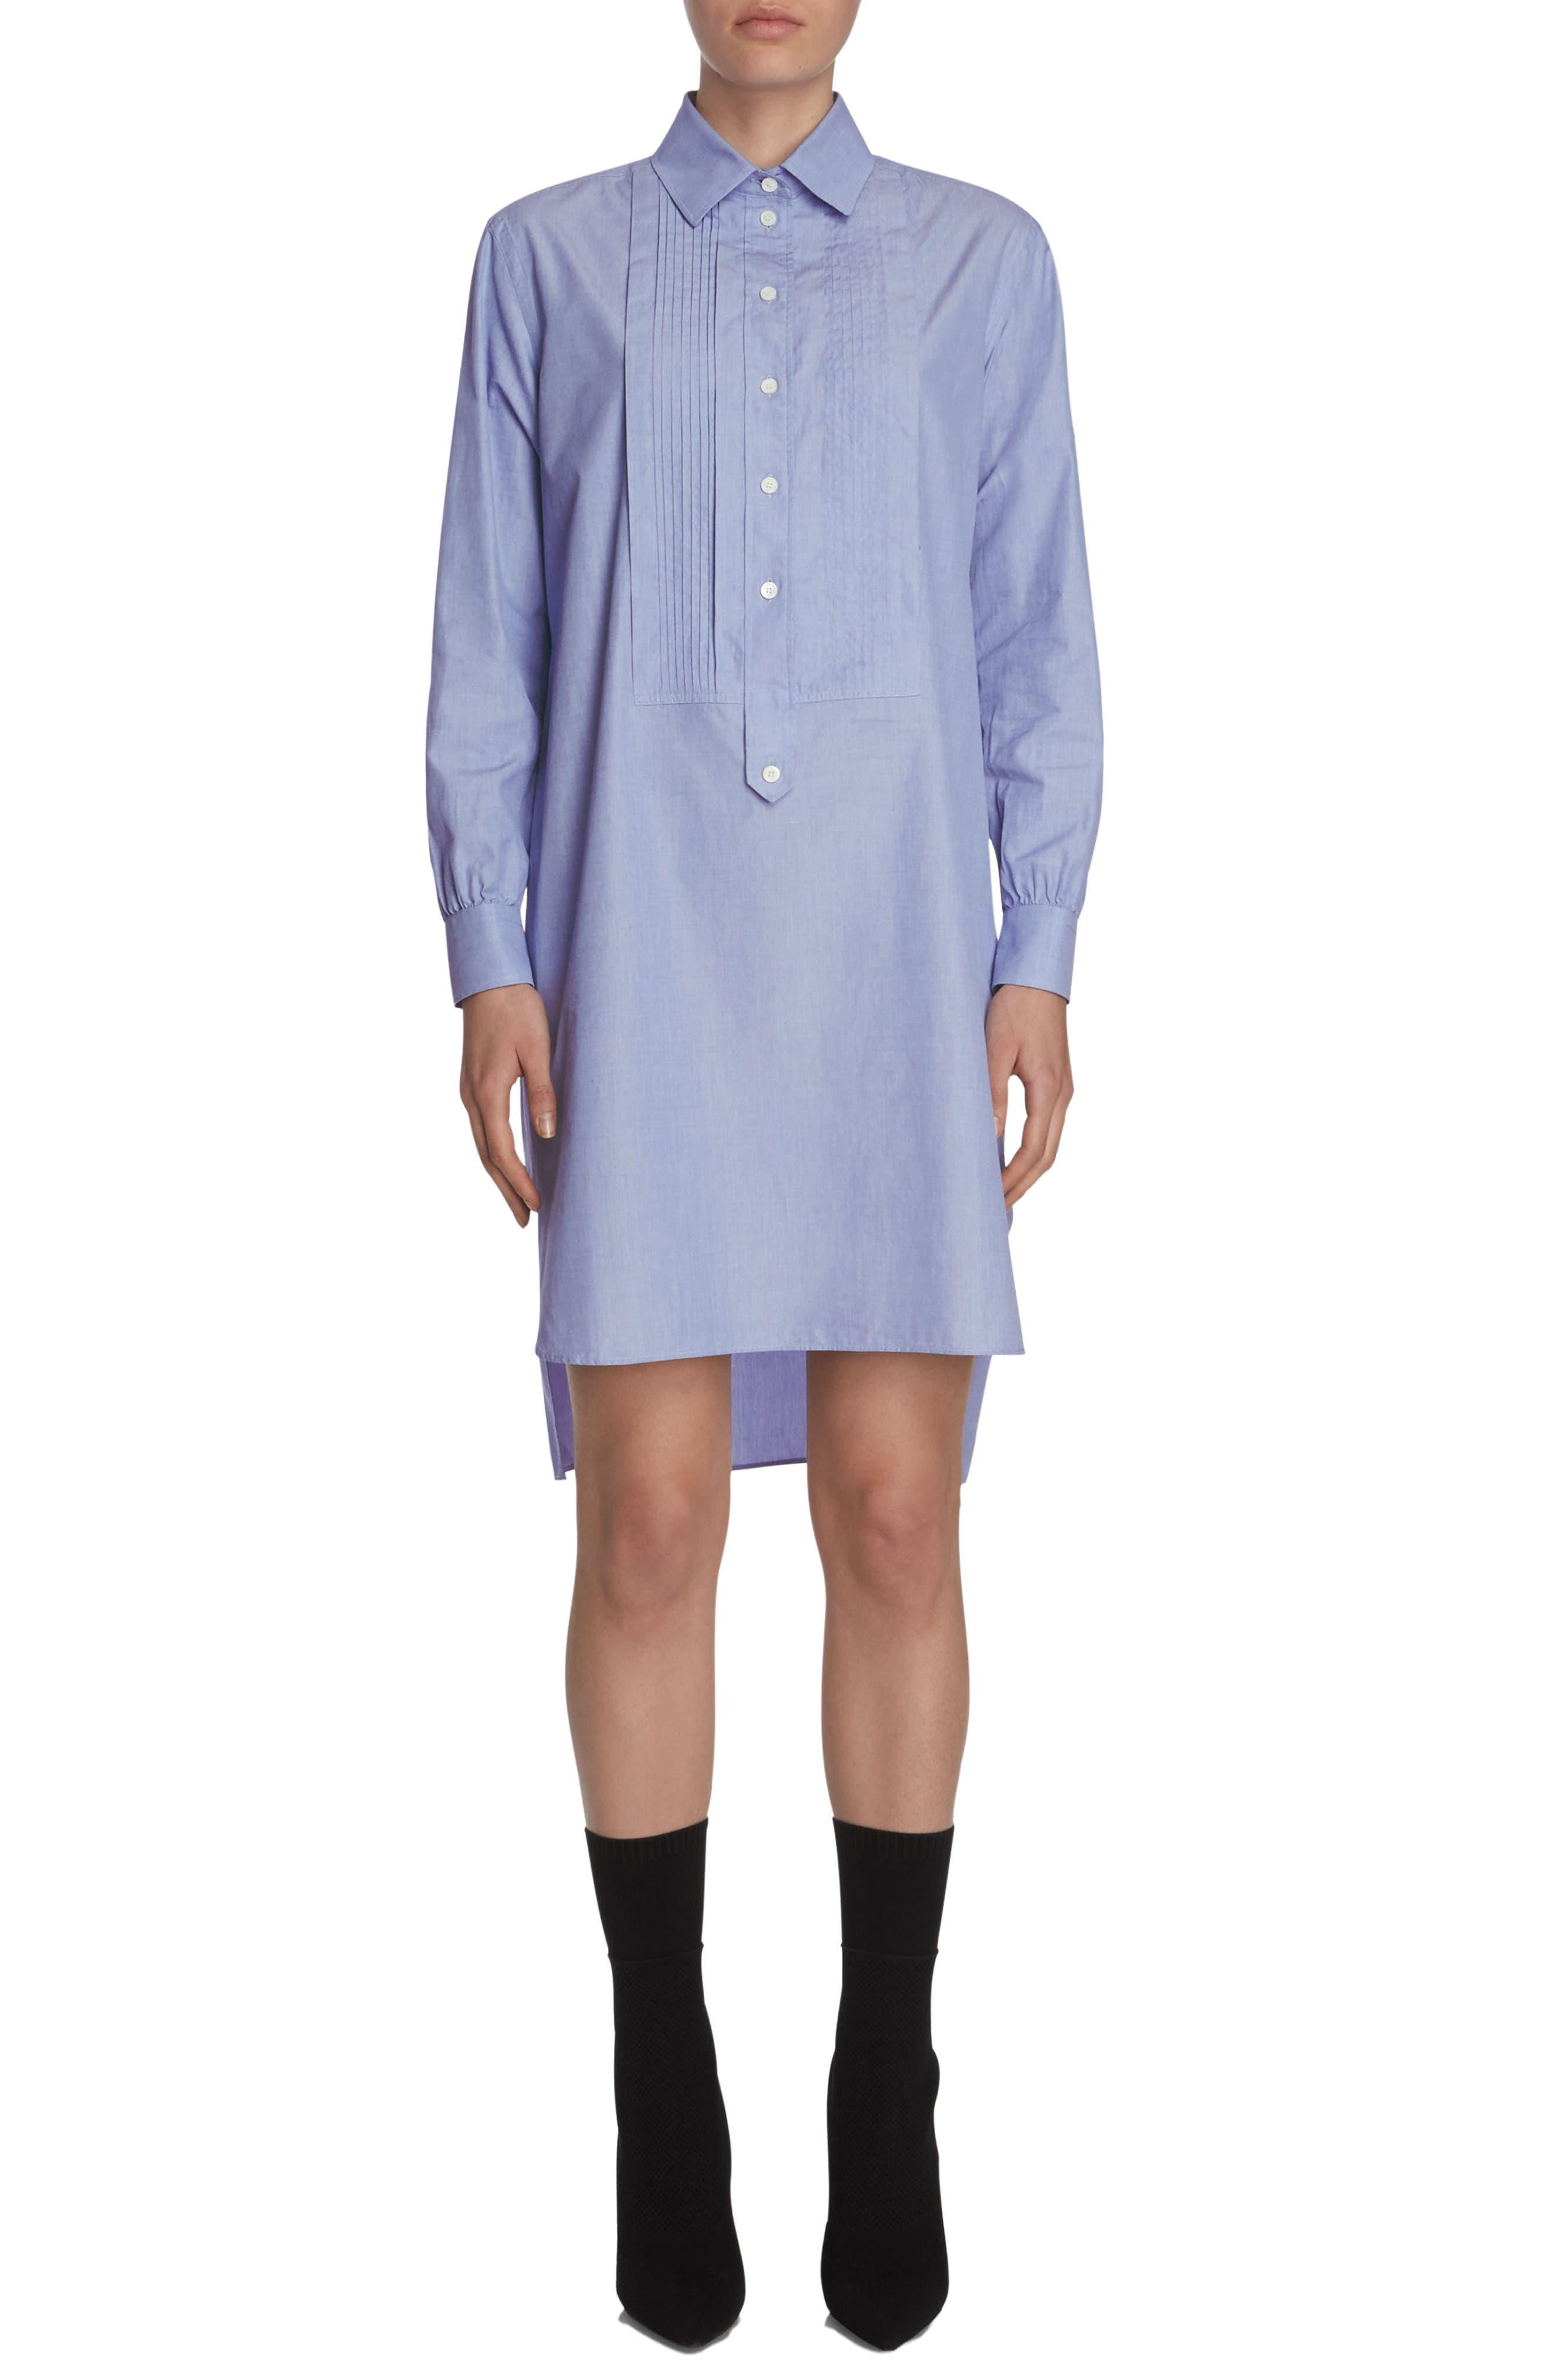 Burberry Pintuck Cotton Shirtdress